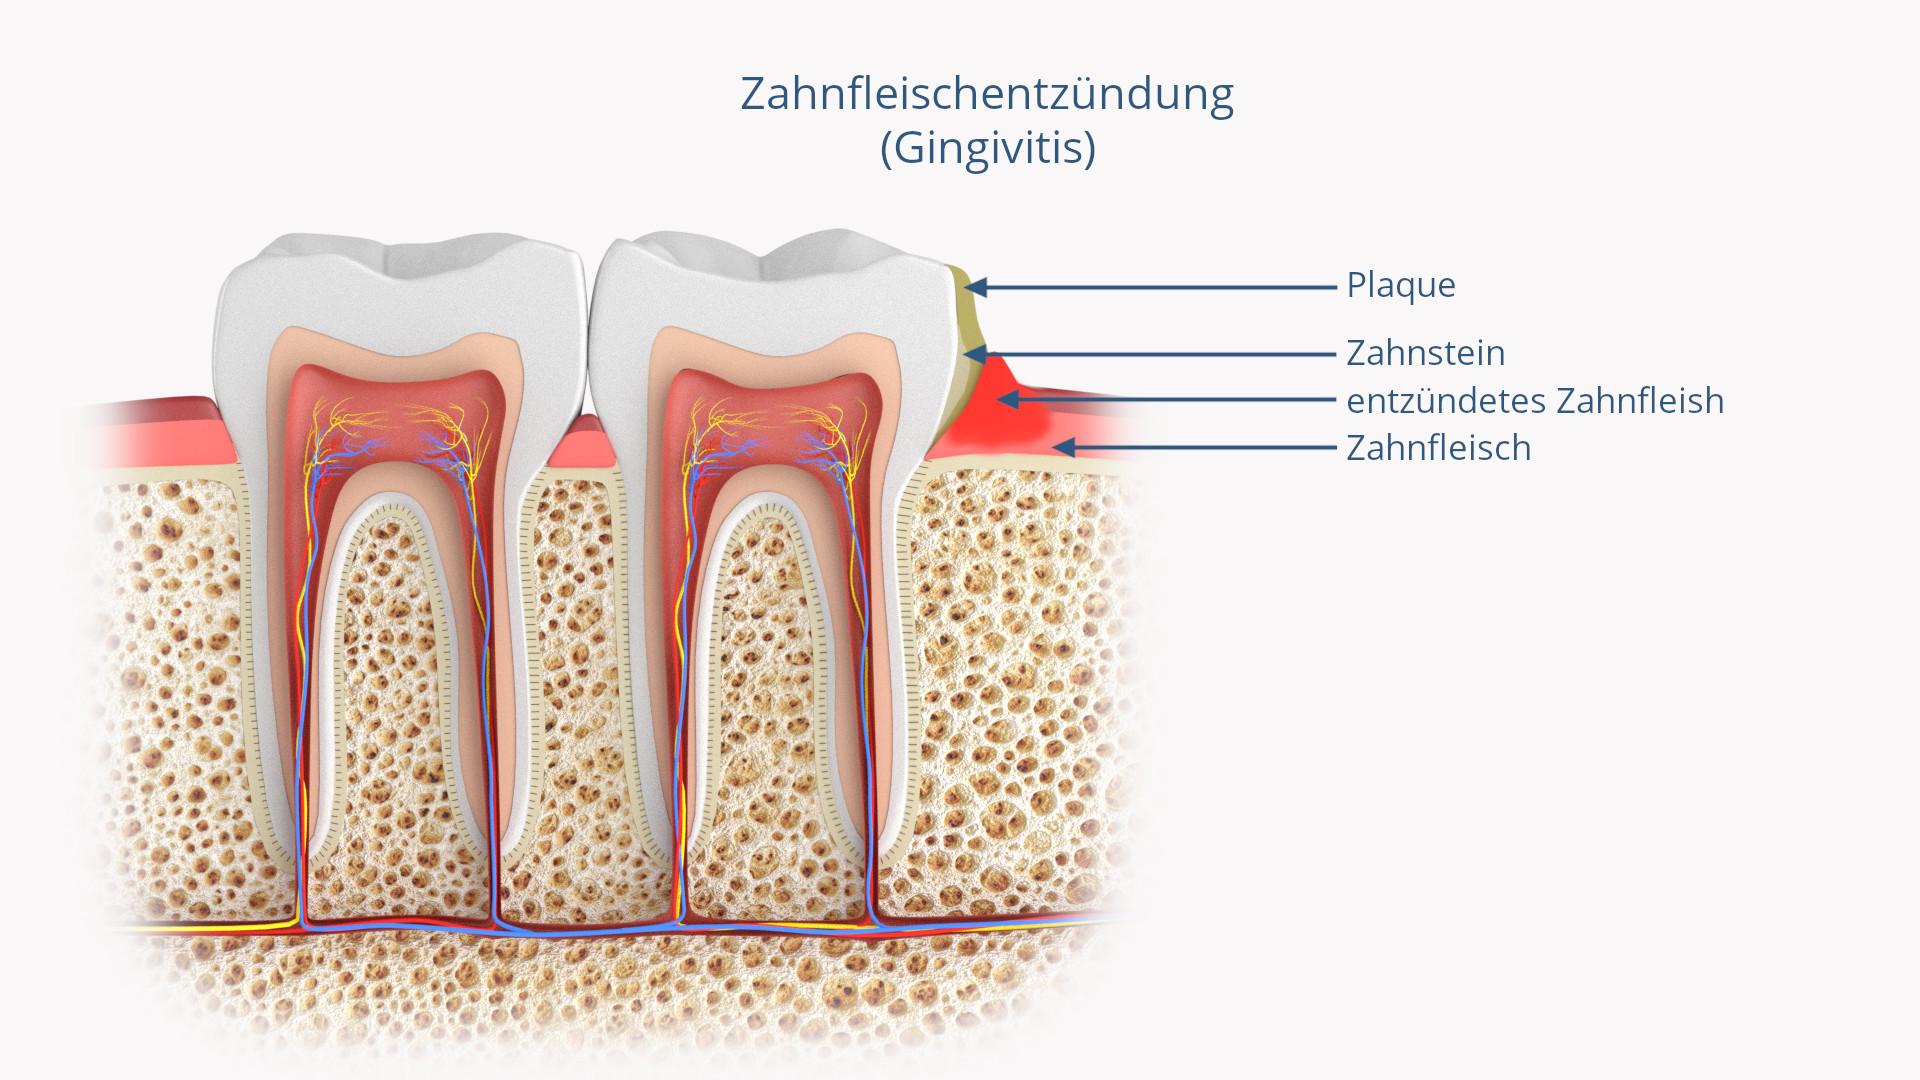 Zahnfleischentzündung (Gingivitis)